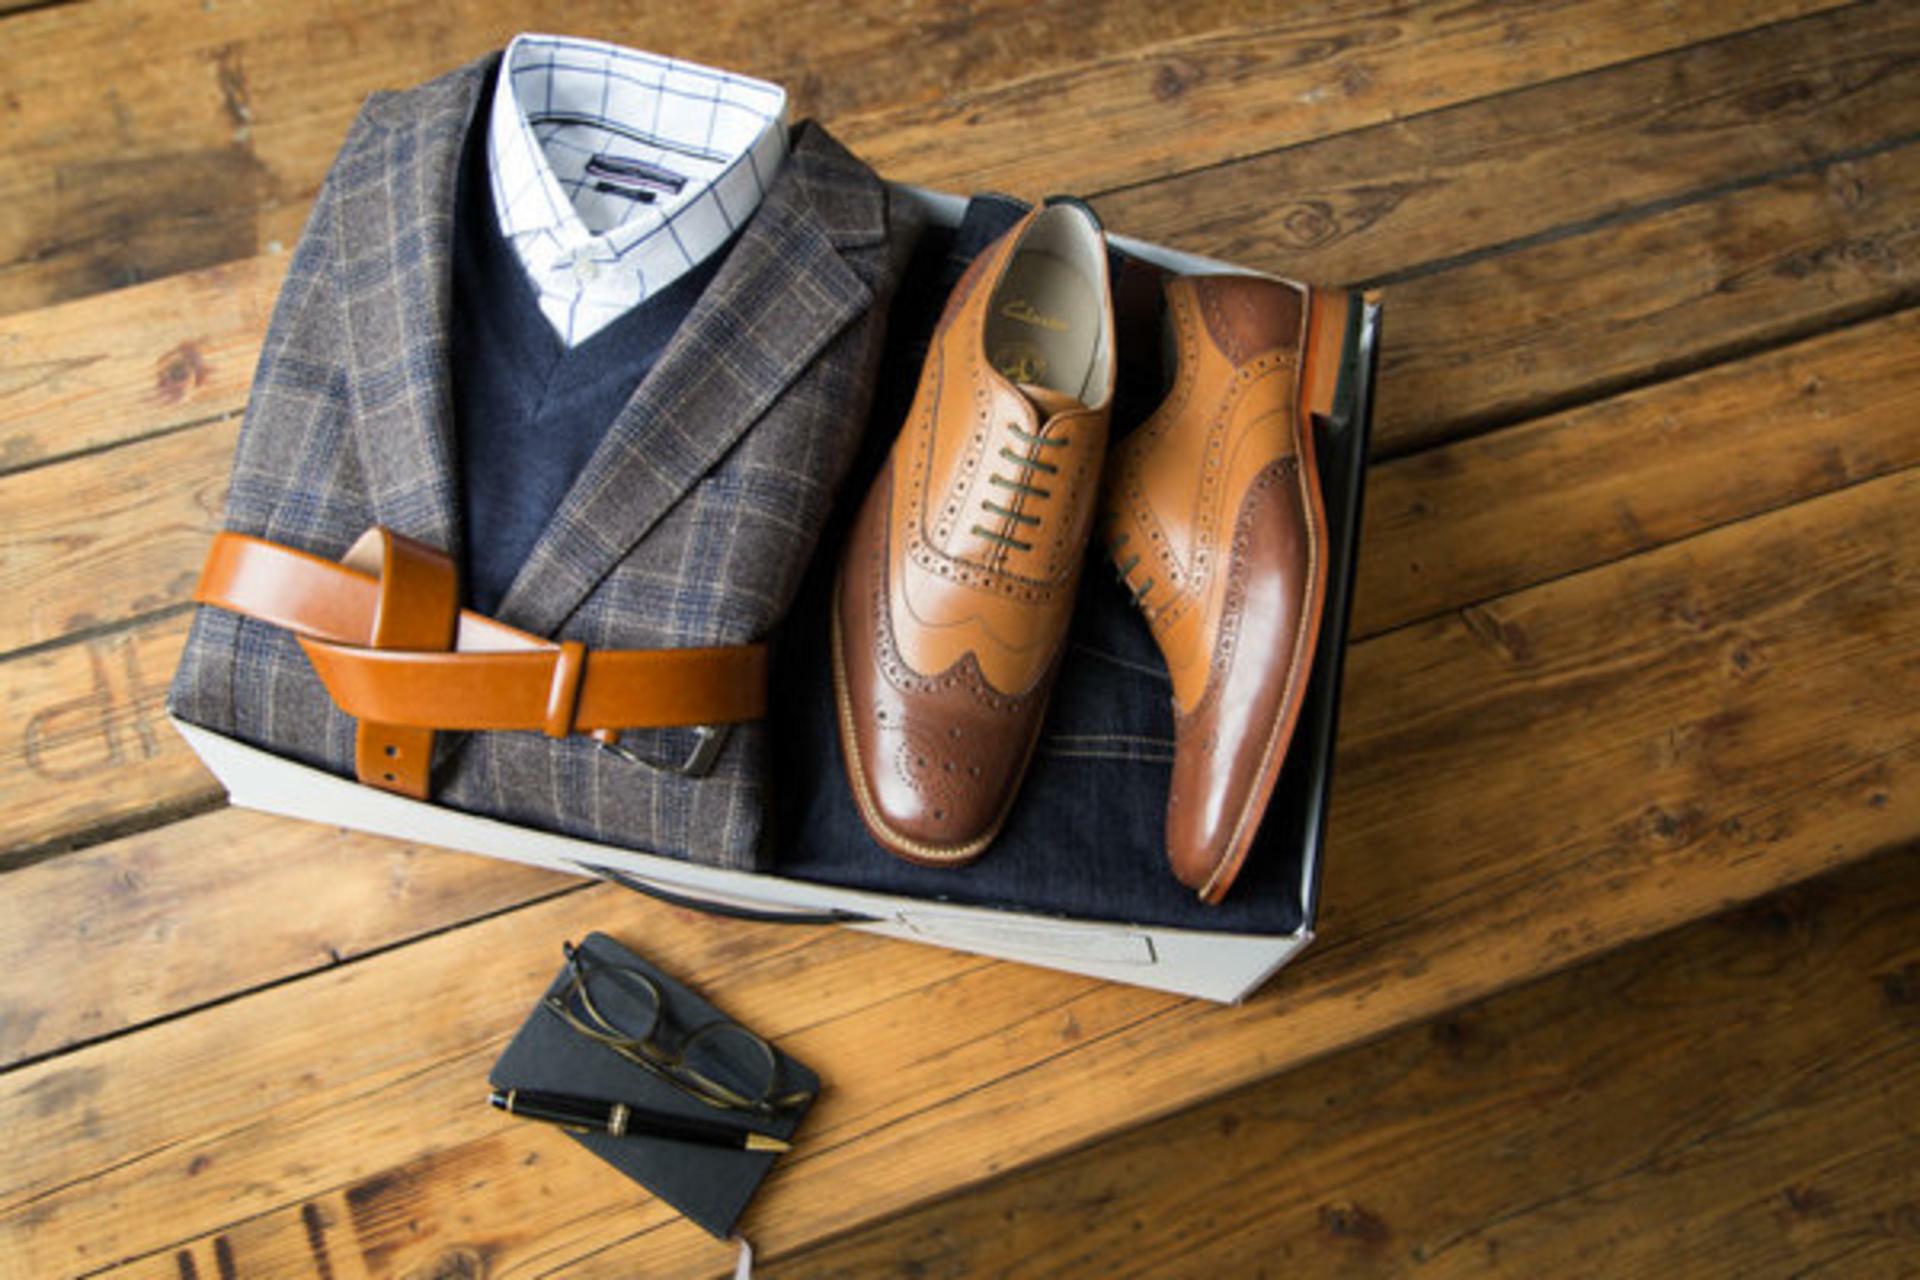 Online,Stilberatung Outfittery \u201eFrauen sind komplizierter\u201c